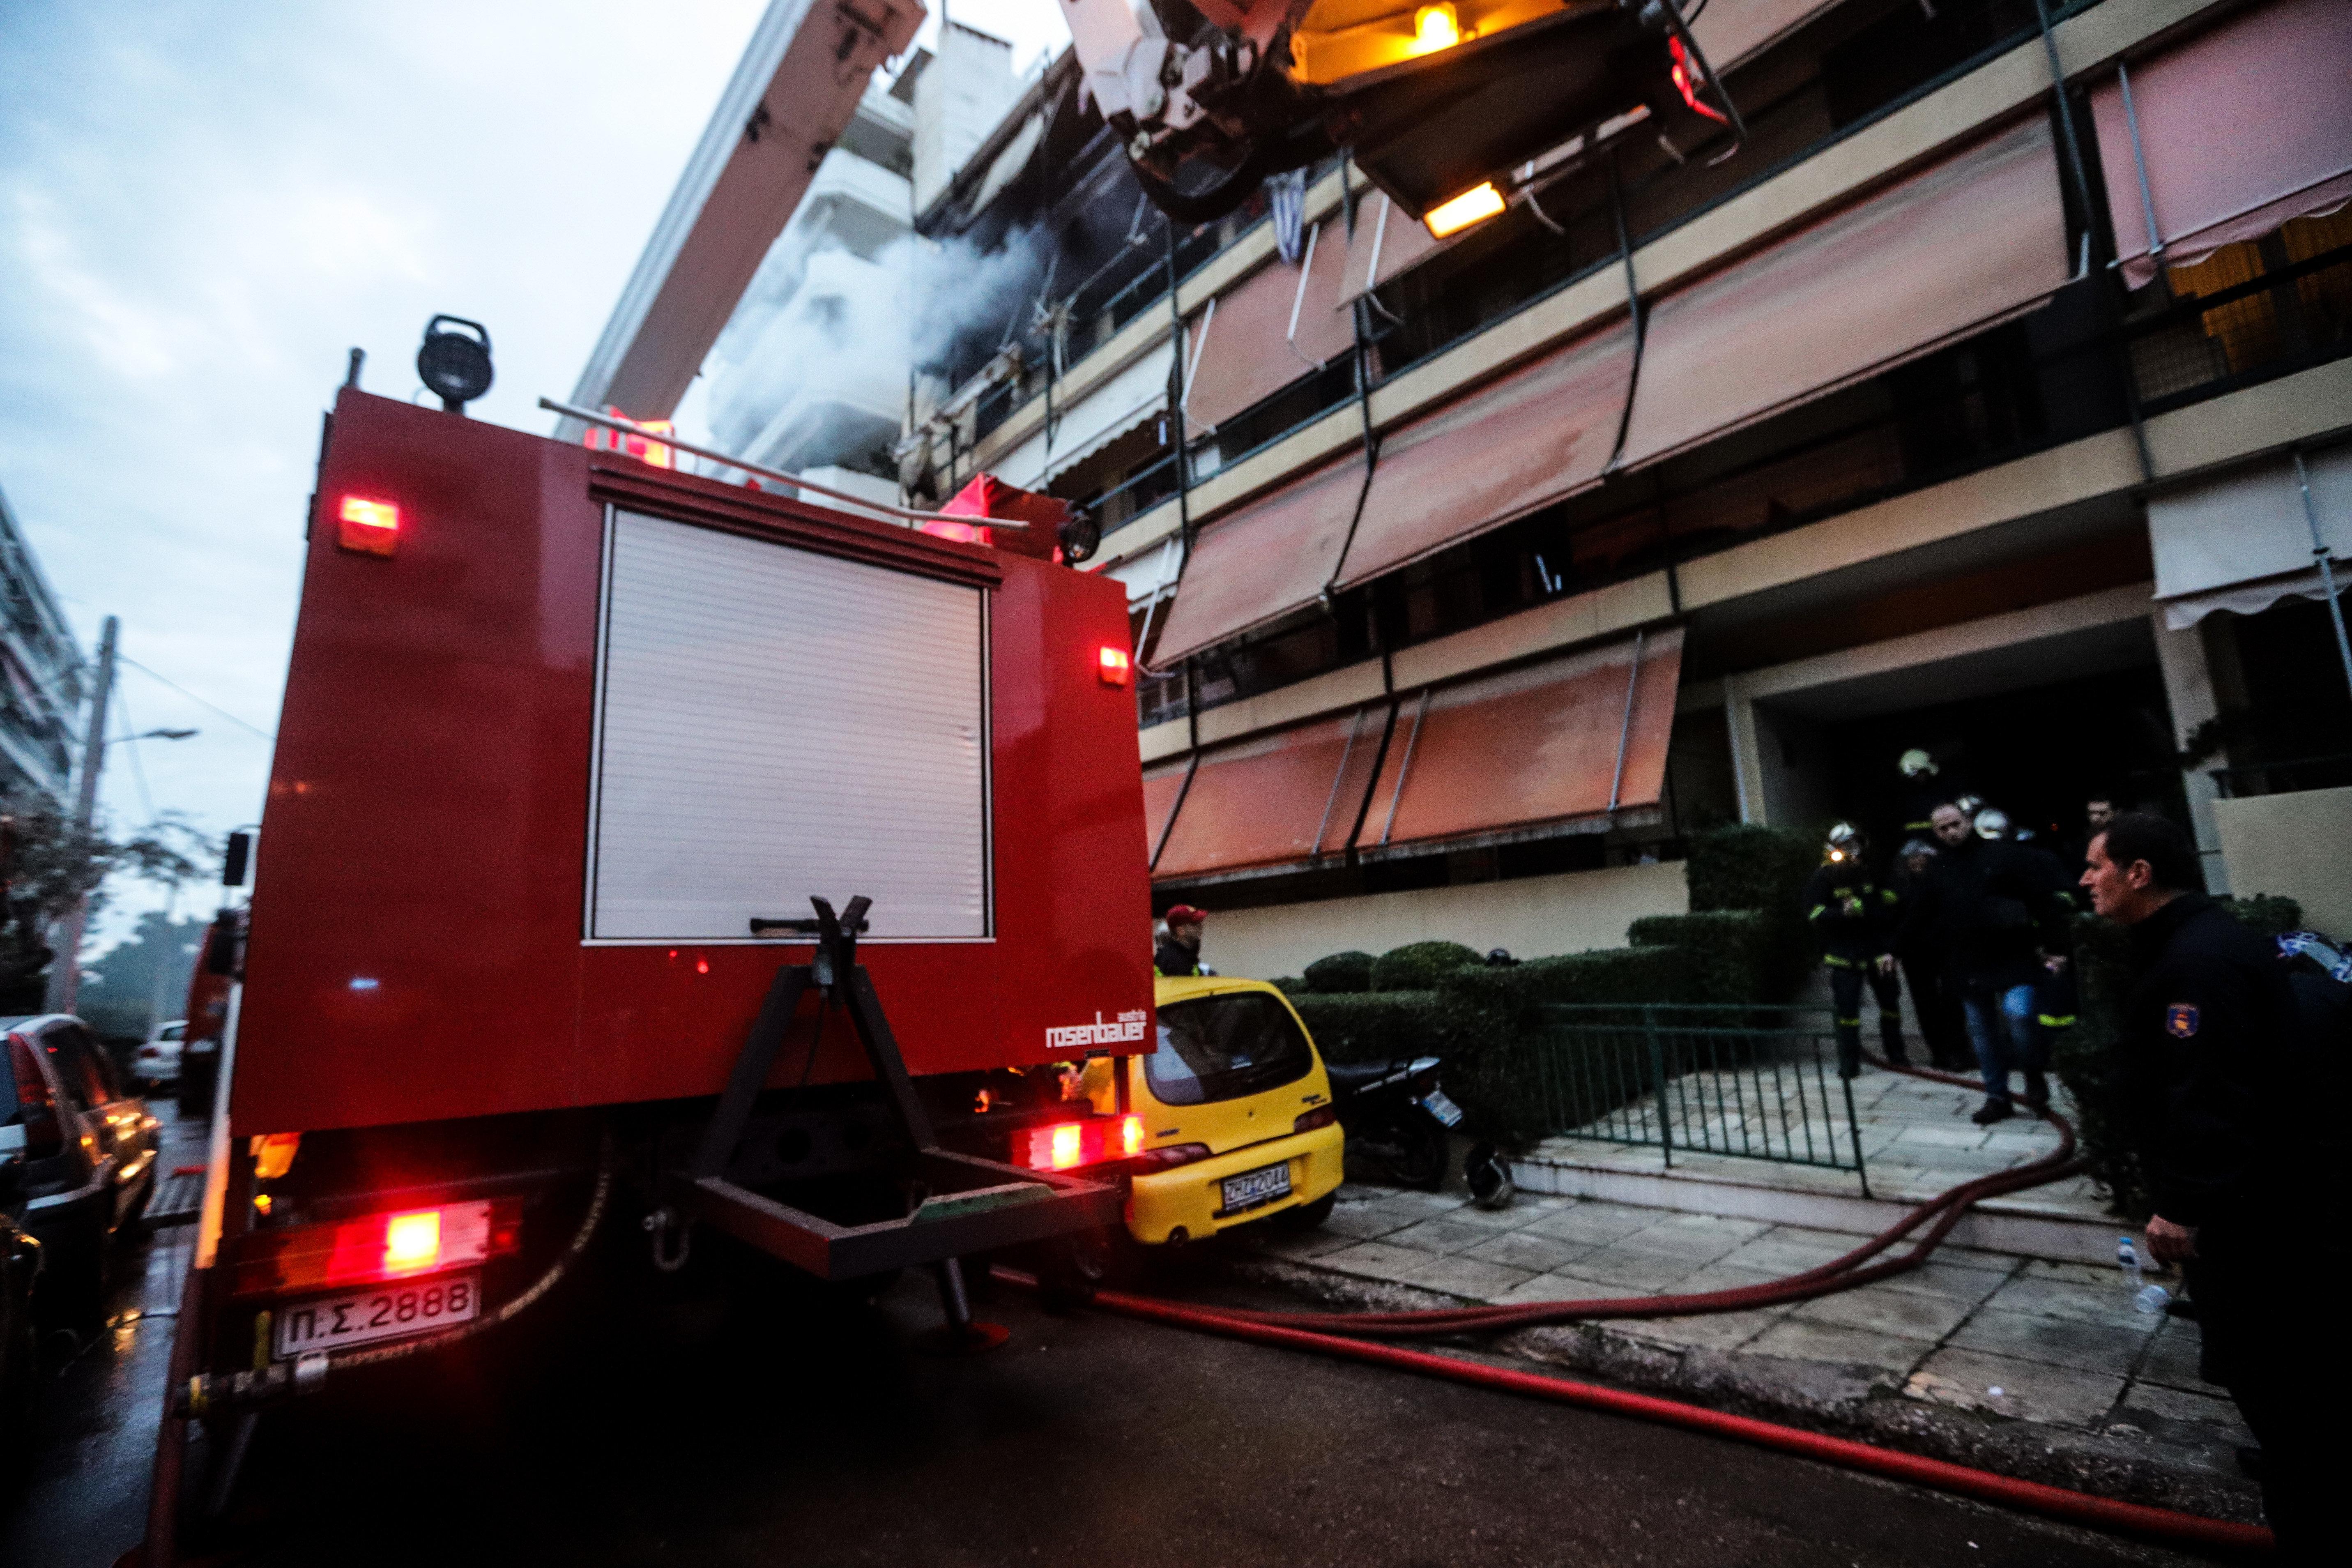 Ένας νεκρός σε κατάσβεση φωτιάς στον Κολωνό